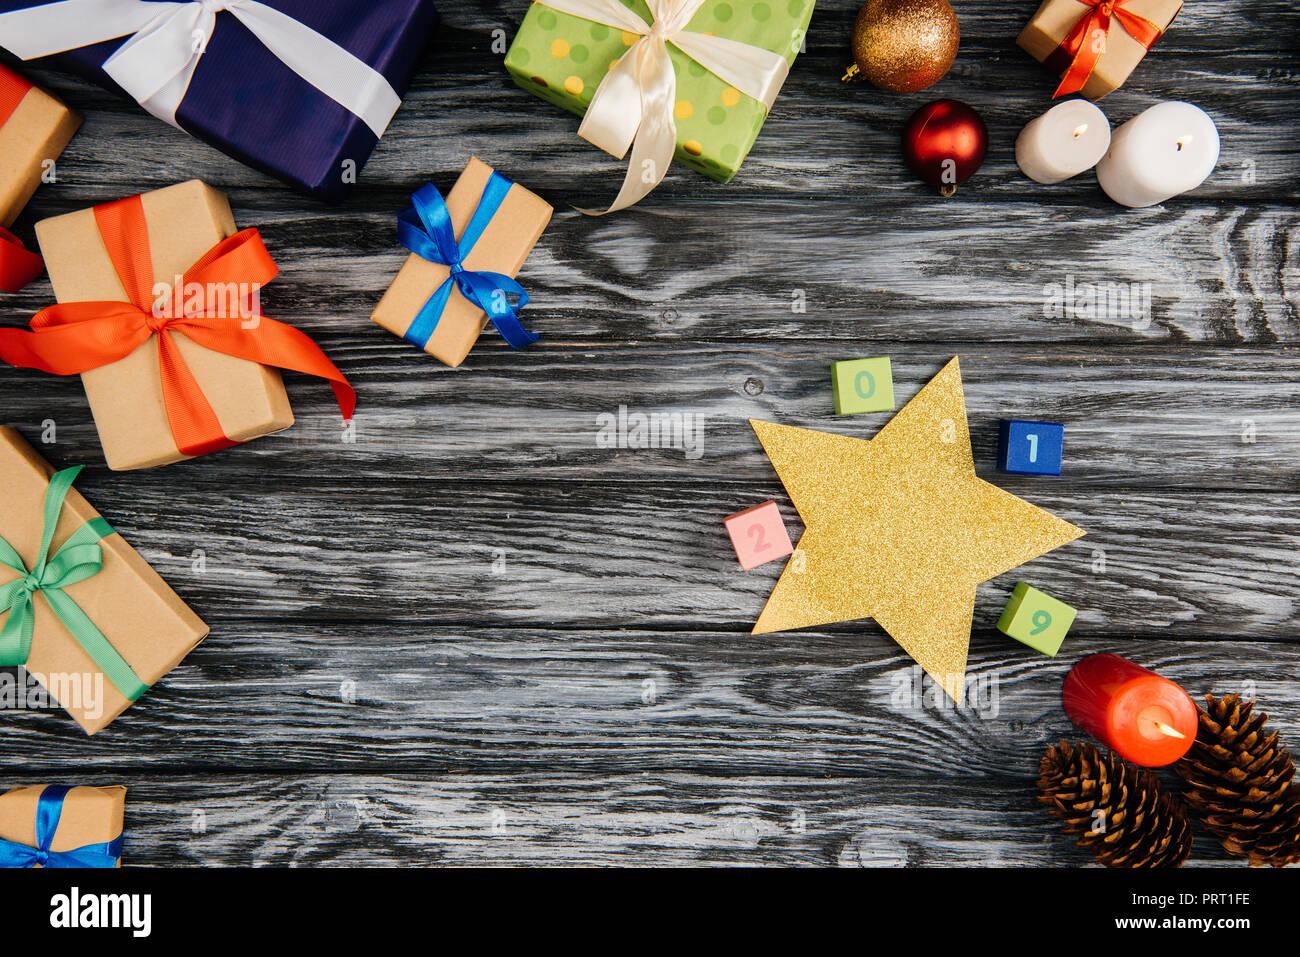 Die Weihnachtsgeschenke.Blick Von Oben Auf Die Weihnachtsgeschenke 2019 Zeichen Stern Und